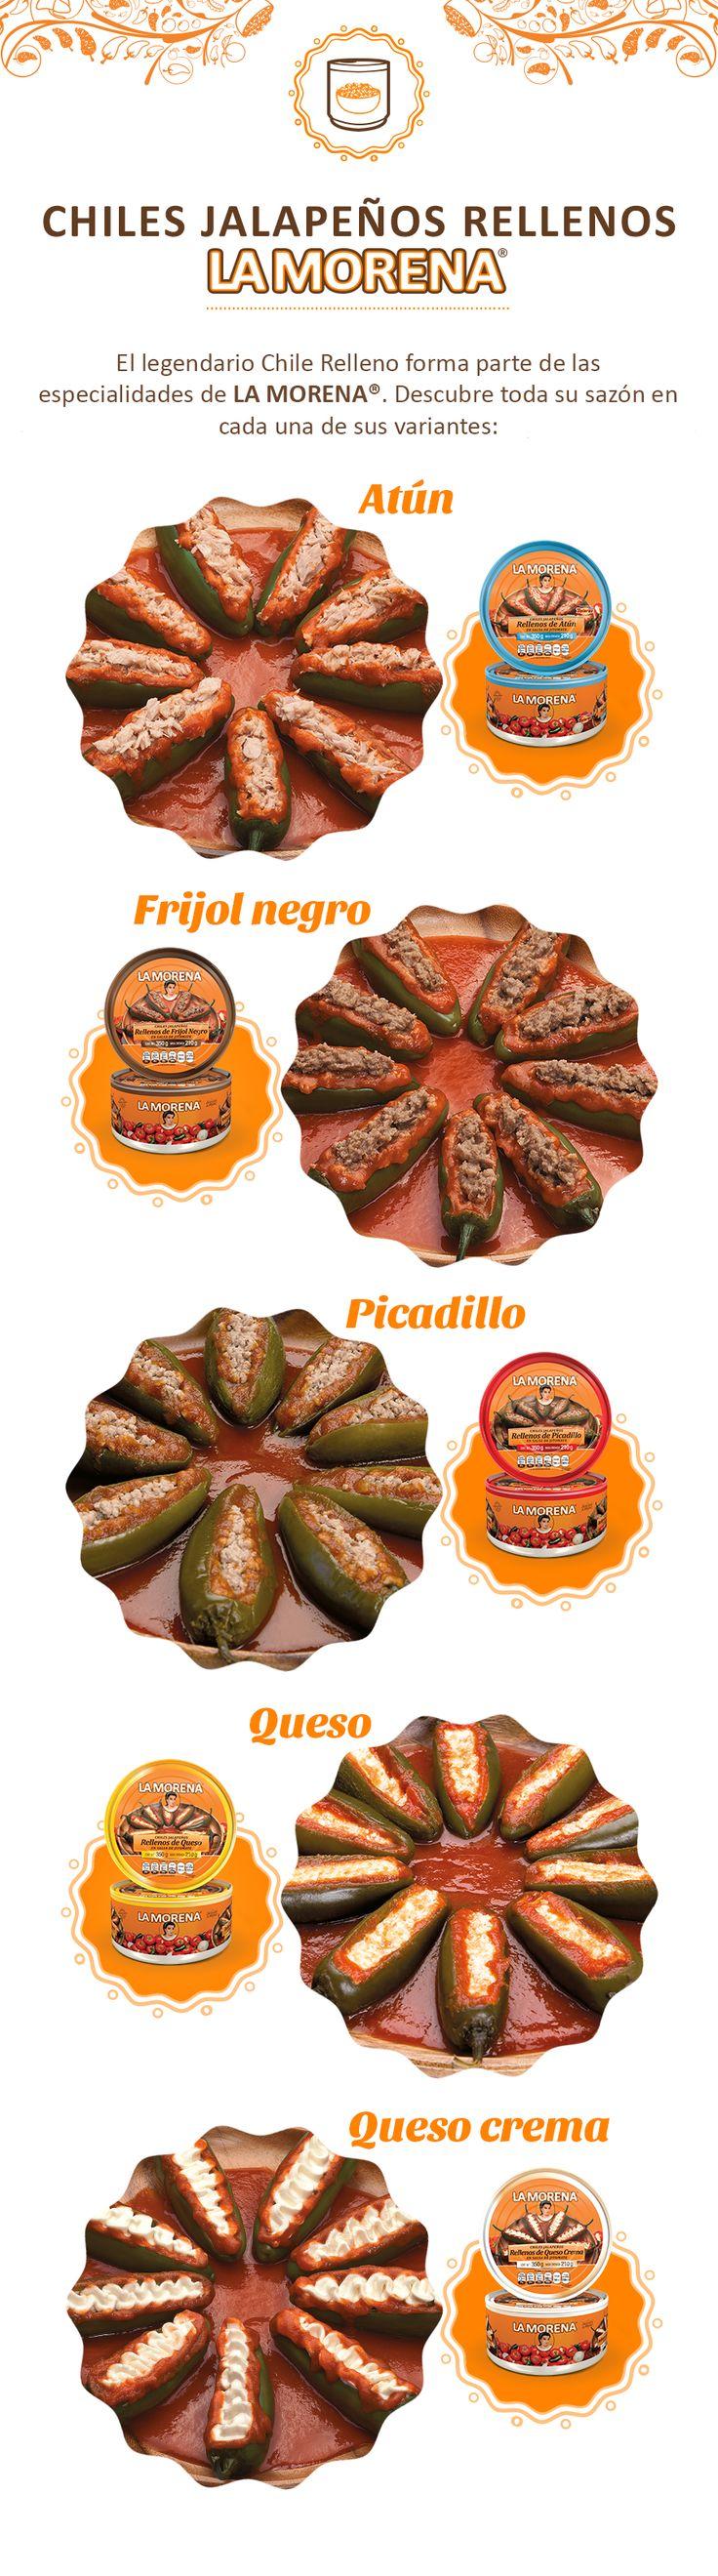 NUESTROS CHILES JALAPEÑOS RELLENOS El legendario Chile Relleno forma parte de las especialidades de La Morena. Descubre todo su sazón en cada una de sus variantes: Atún - Frijol Negro - Picadillo - Queso - Queso Crema